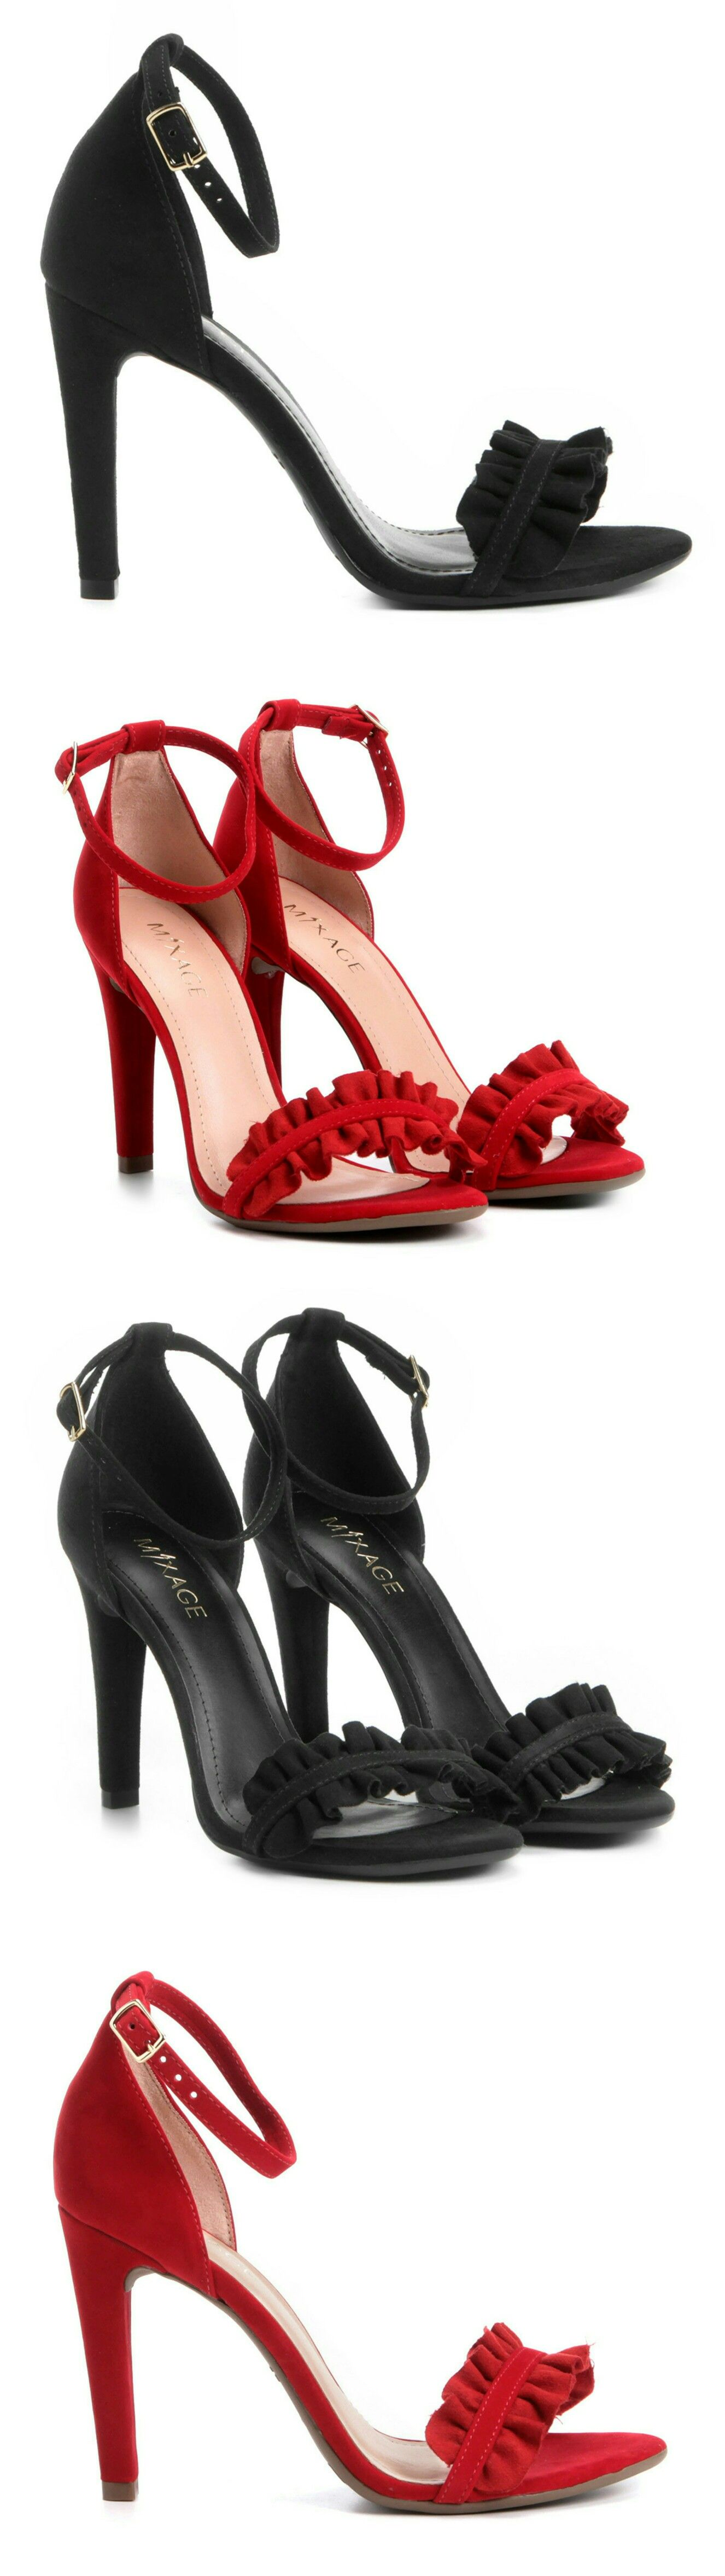 0b16870f7 Sandalia Salto Alto Fino Agulha Social Babados Festa Sapatos femininos  calcados baixo verao sapatilhas inverno outono